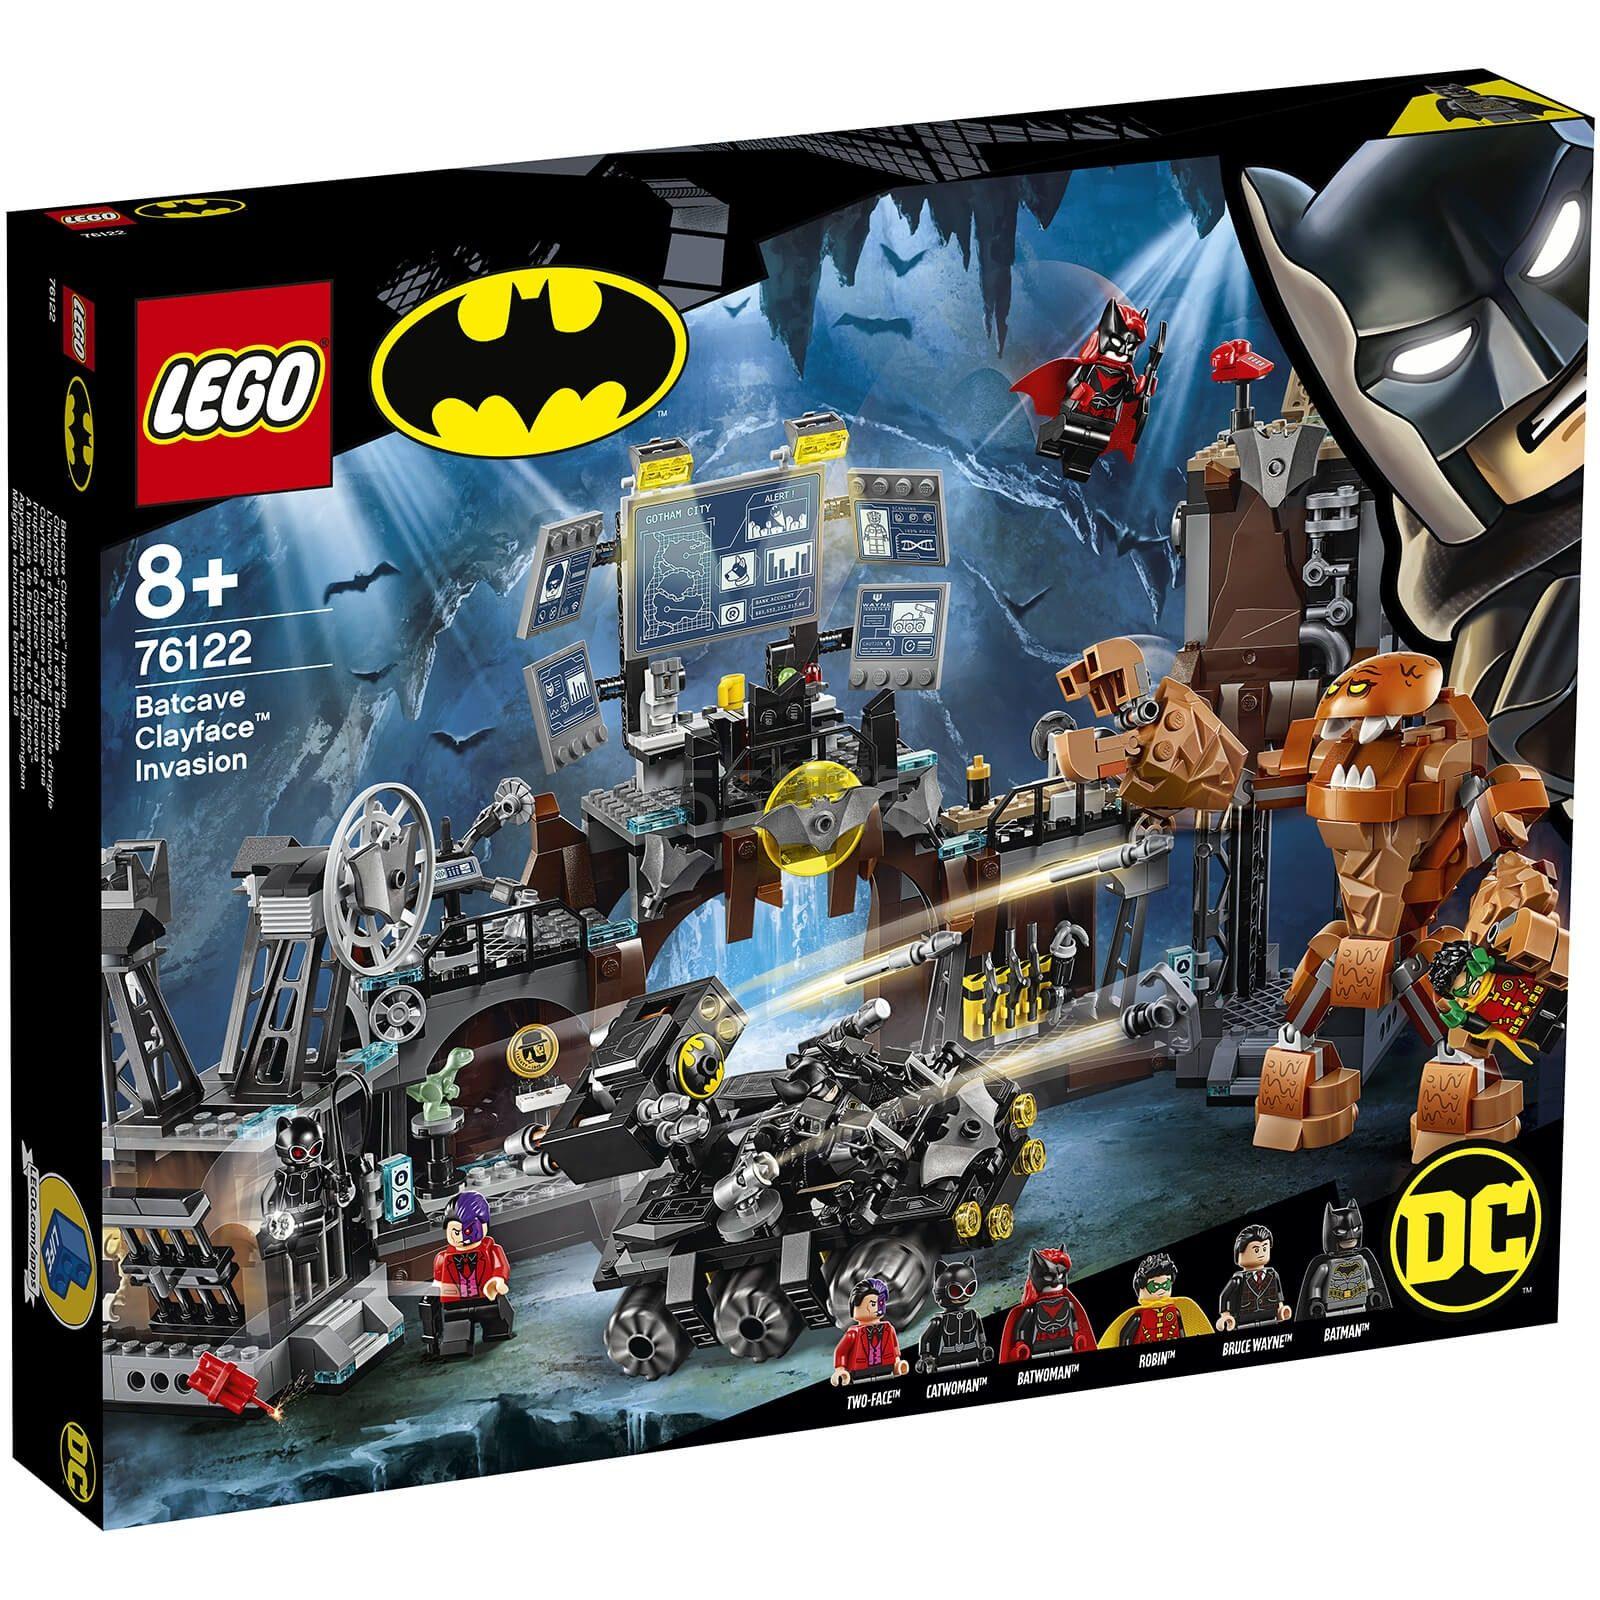 免邮!LEGO 乐高超级英雄系列 泥脸侵袭蝙蝠洞 (76122) £72.99(约642元) - 海淘优惠海淘折扣|55海淘网